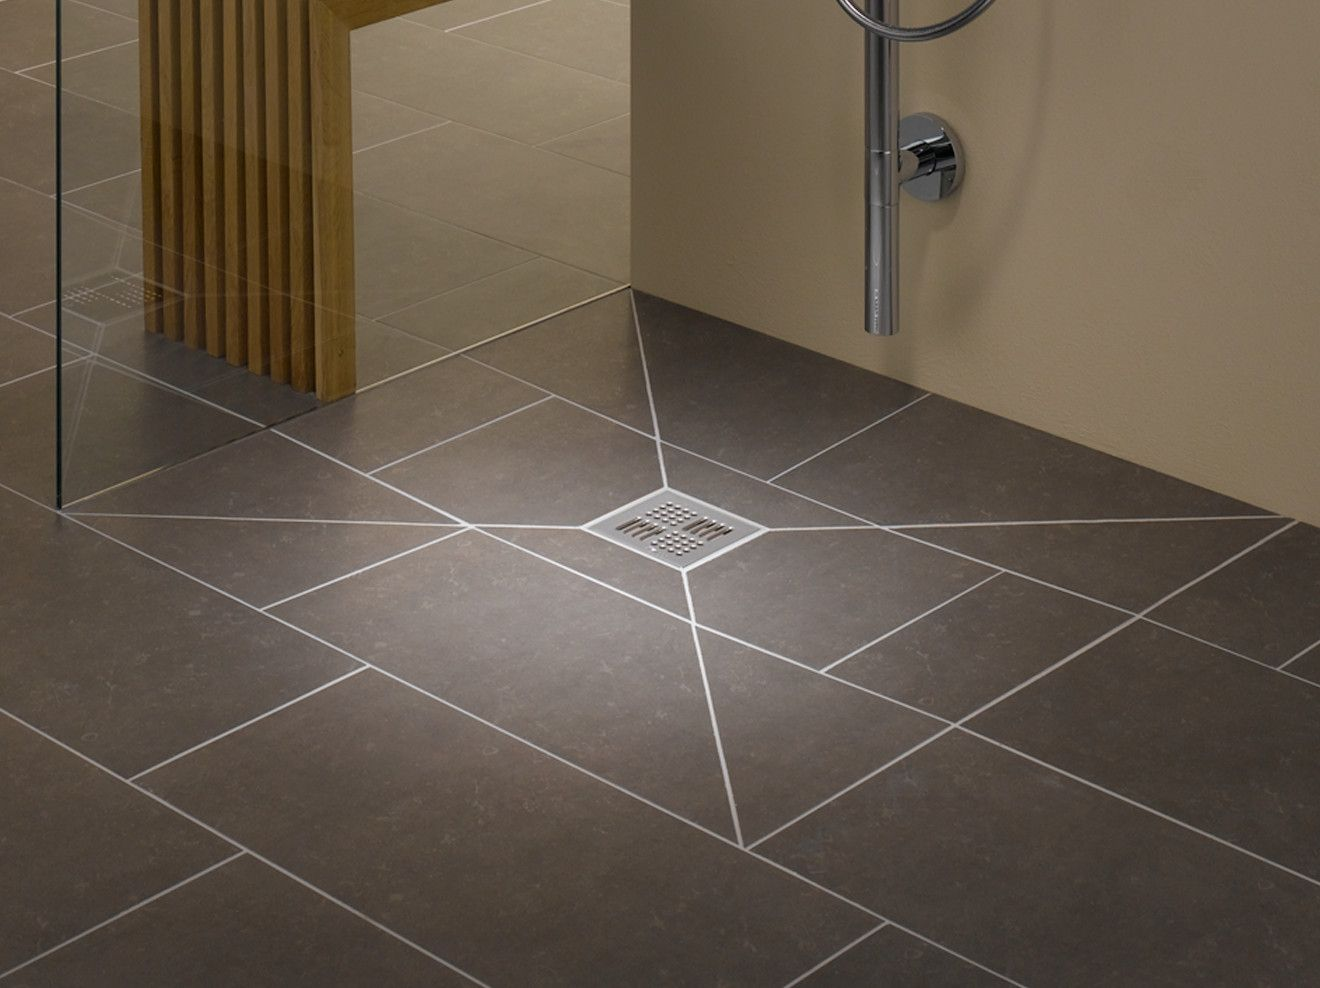 duschkabine reinigen duschglas reiniger zur reinigung von. Black Bedroom Furniture Sets. Home Design Ideas